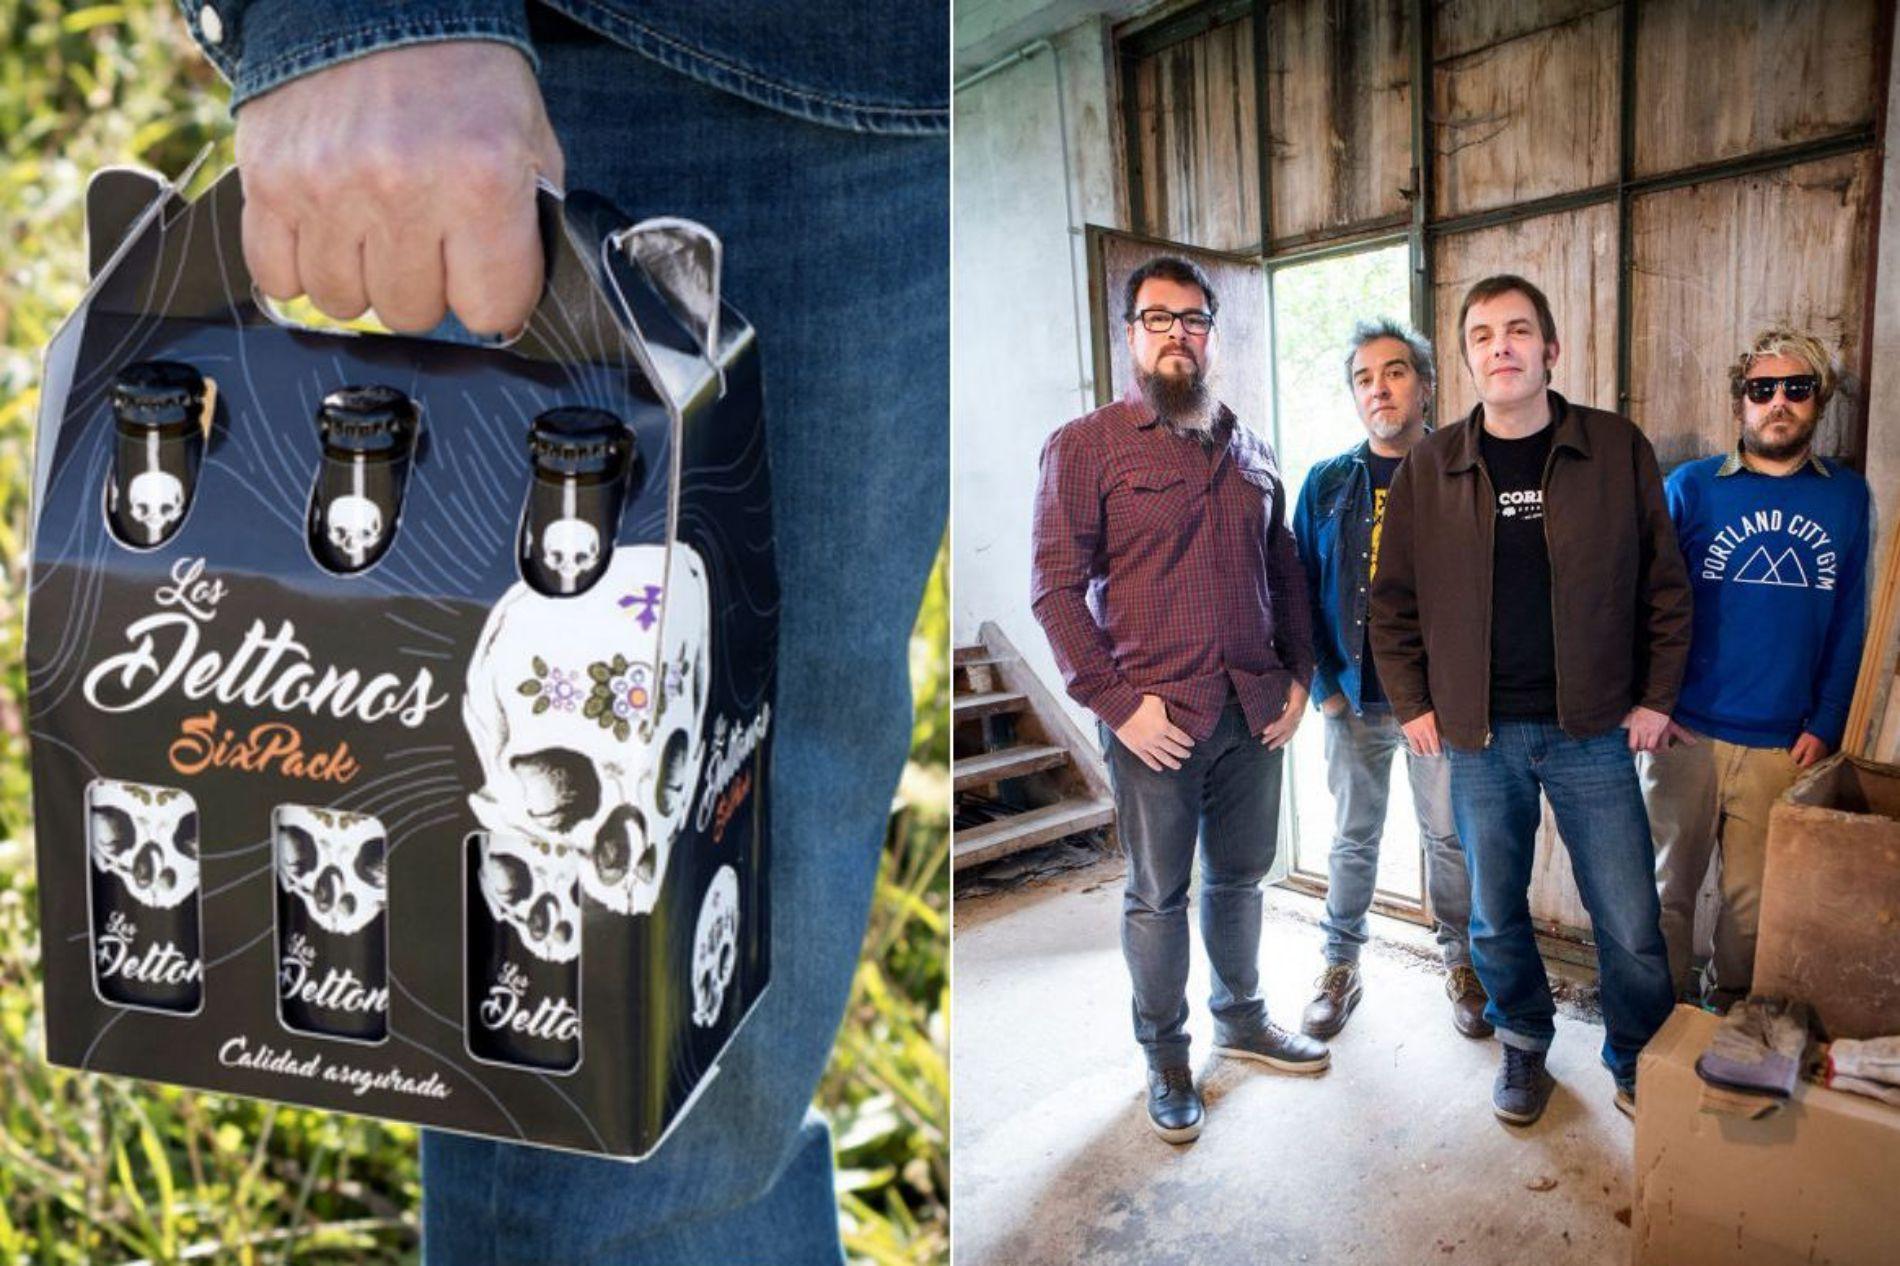 La portada 'Sixpack' del grupo cántabro, de Muriedas, unos 'masters' en el oficio. Fotos: Los DelTonos.